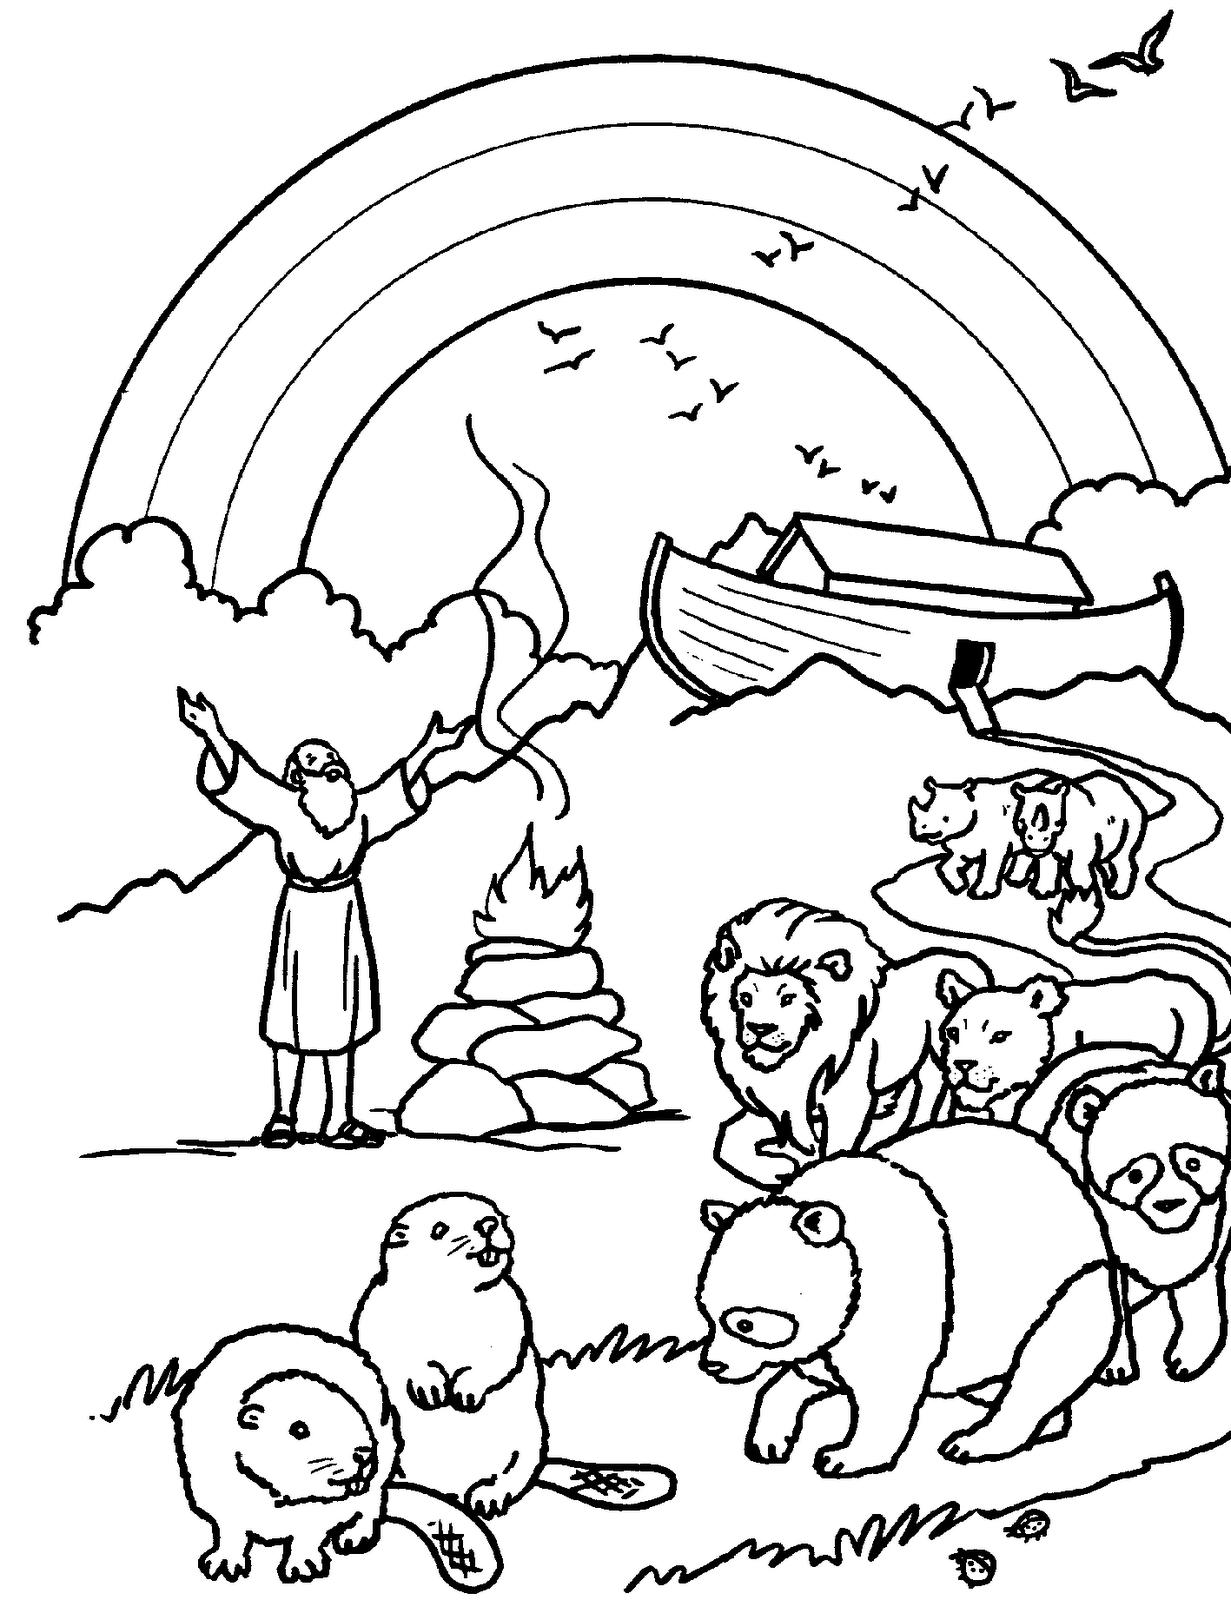 El Renuevo De Jehova: Arca de Noe - Imagenes para colorear ...